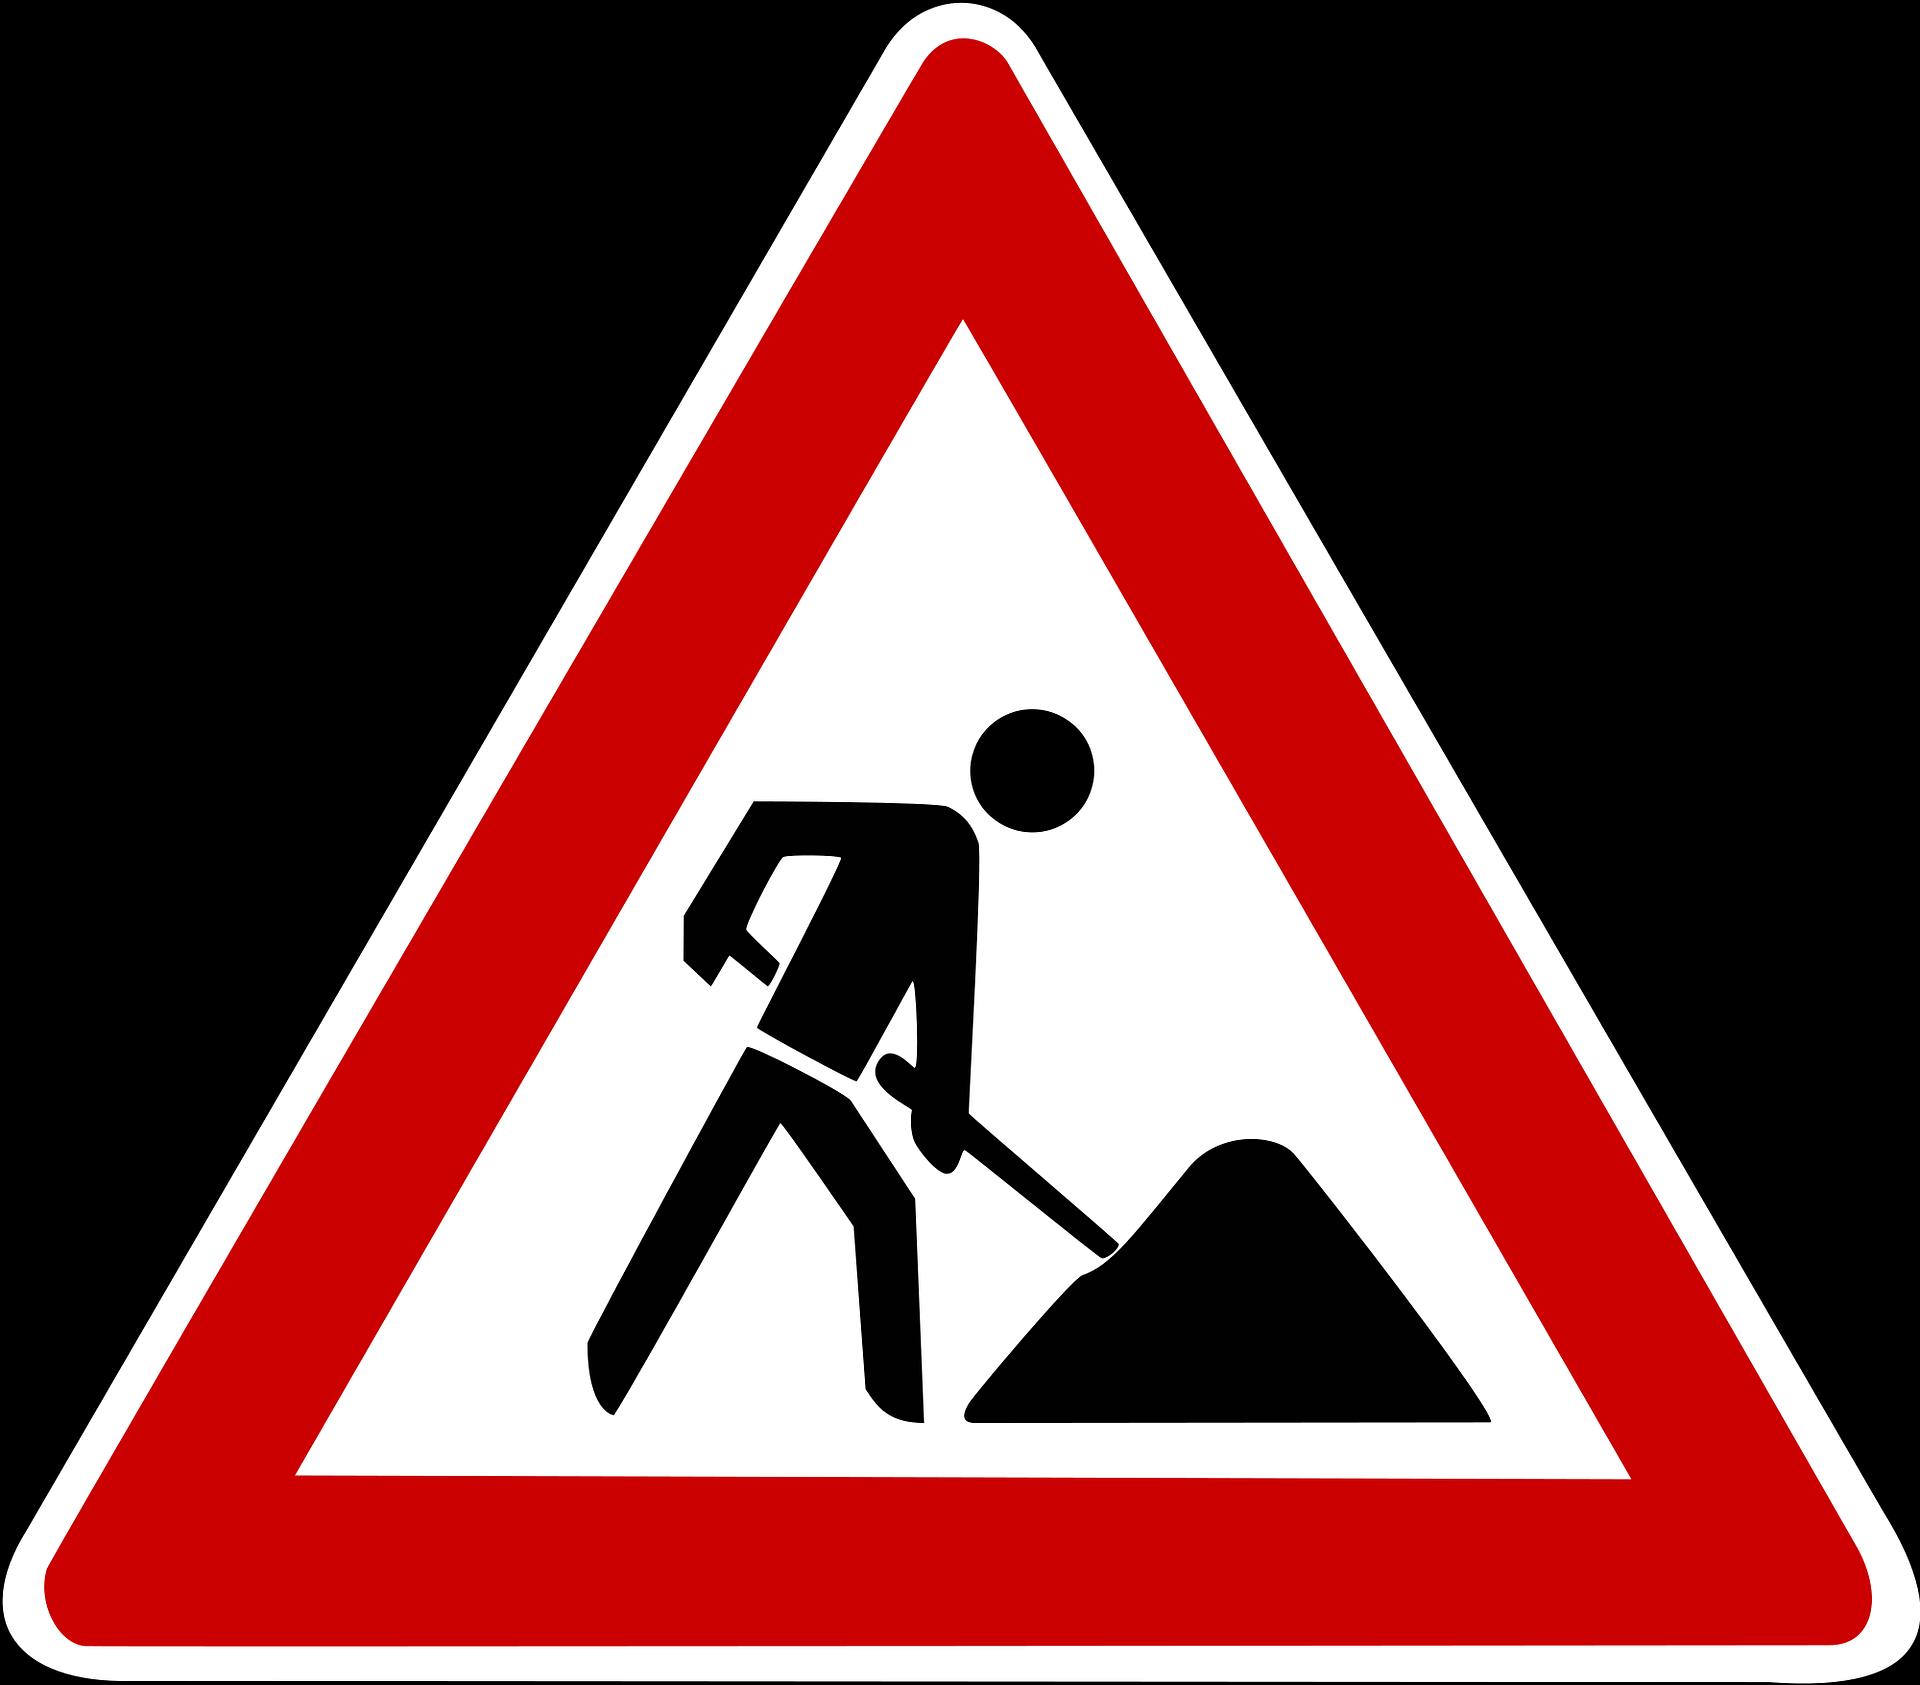 Bild der Meldung: L 3170 Hauneck - Vollsperrung wegen Bauwerksinstandsetzung